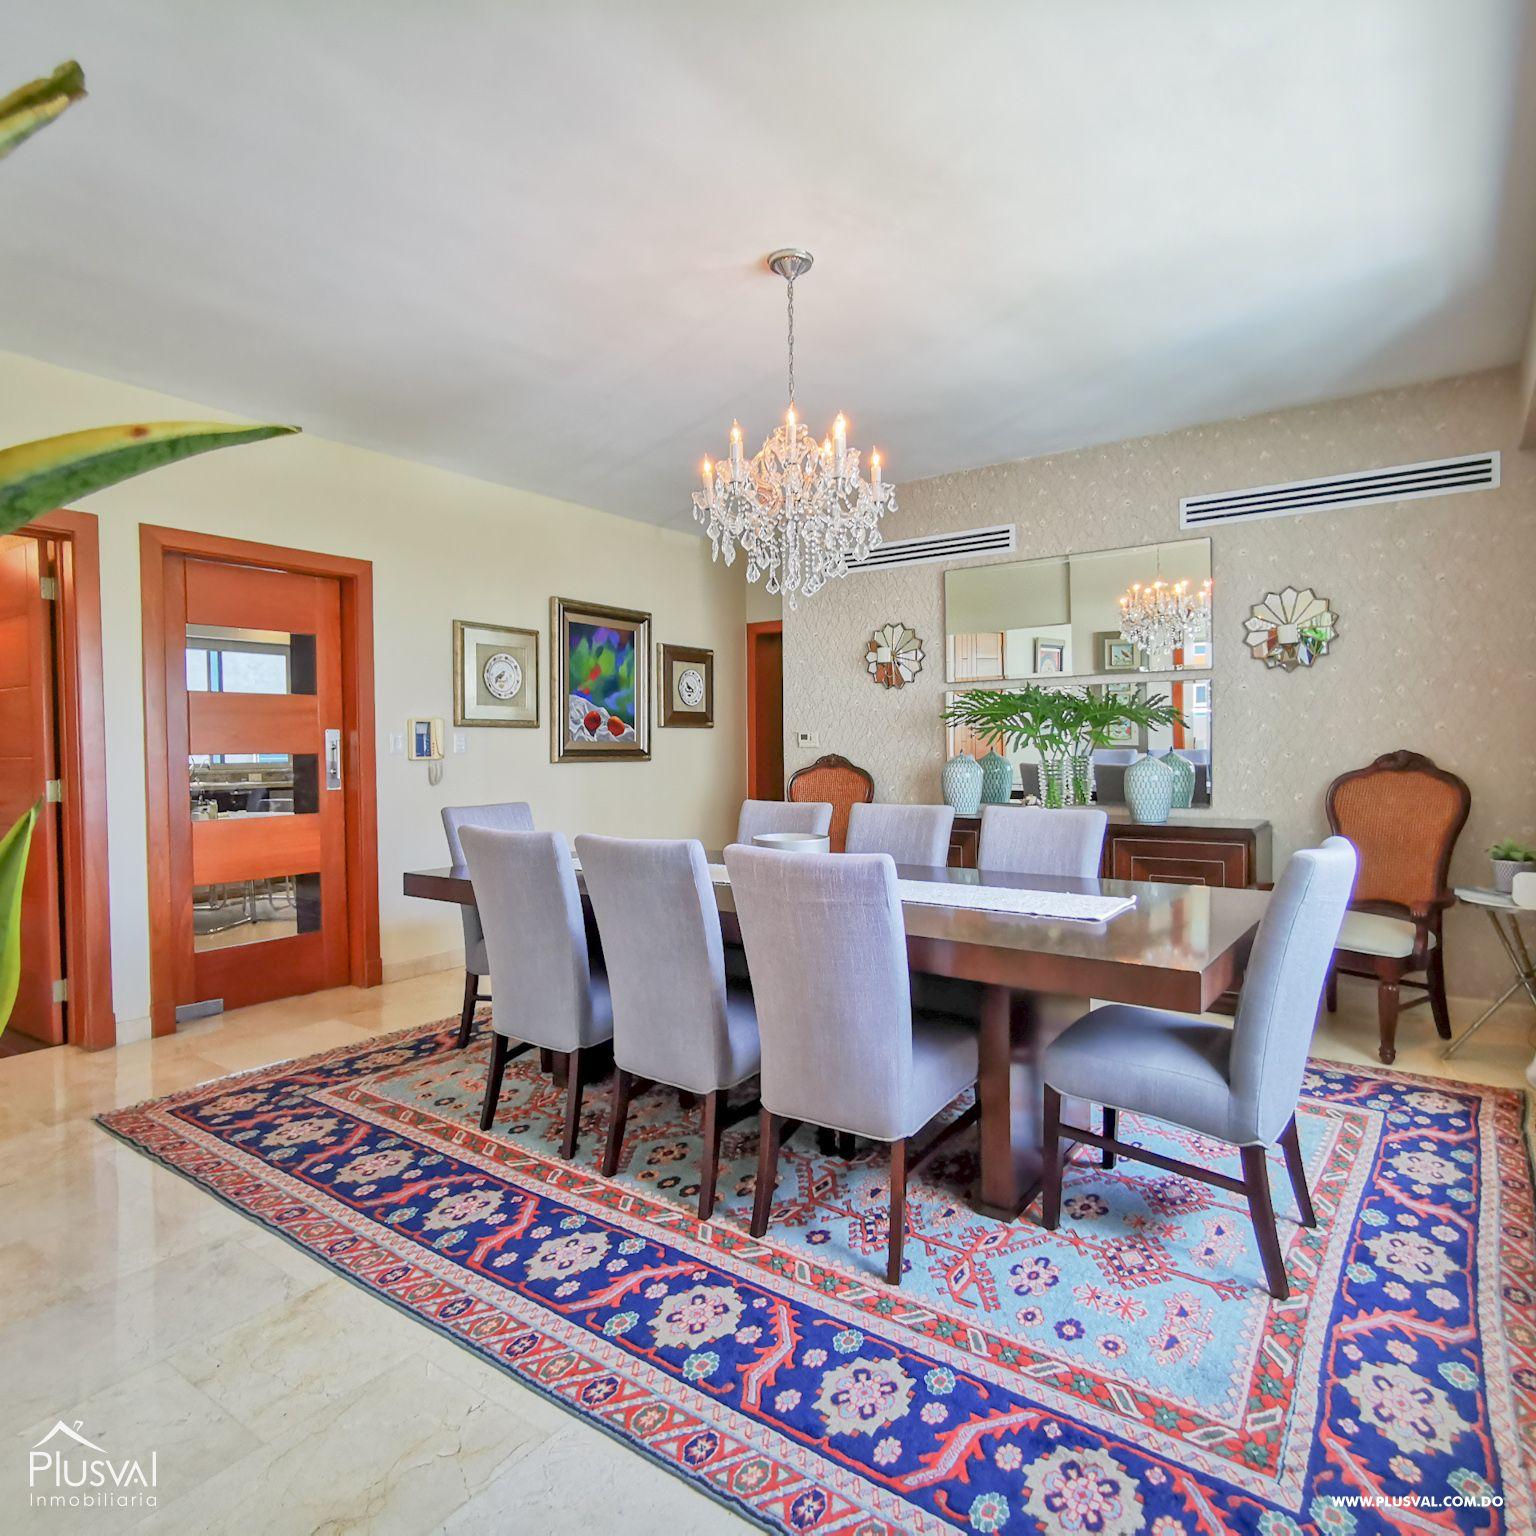 Venta de Apartamento en Piantini en Exclusiva Torre de Sólo 9 Apartamentos 184123